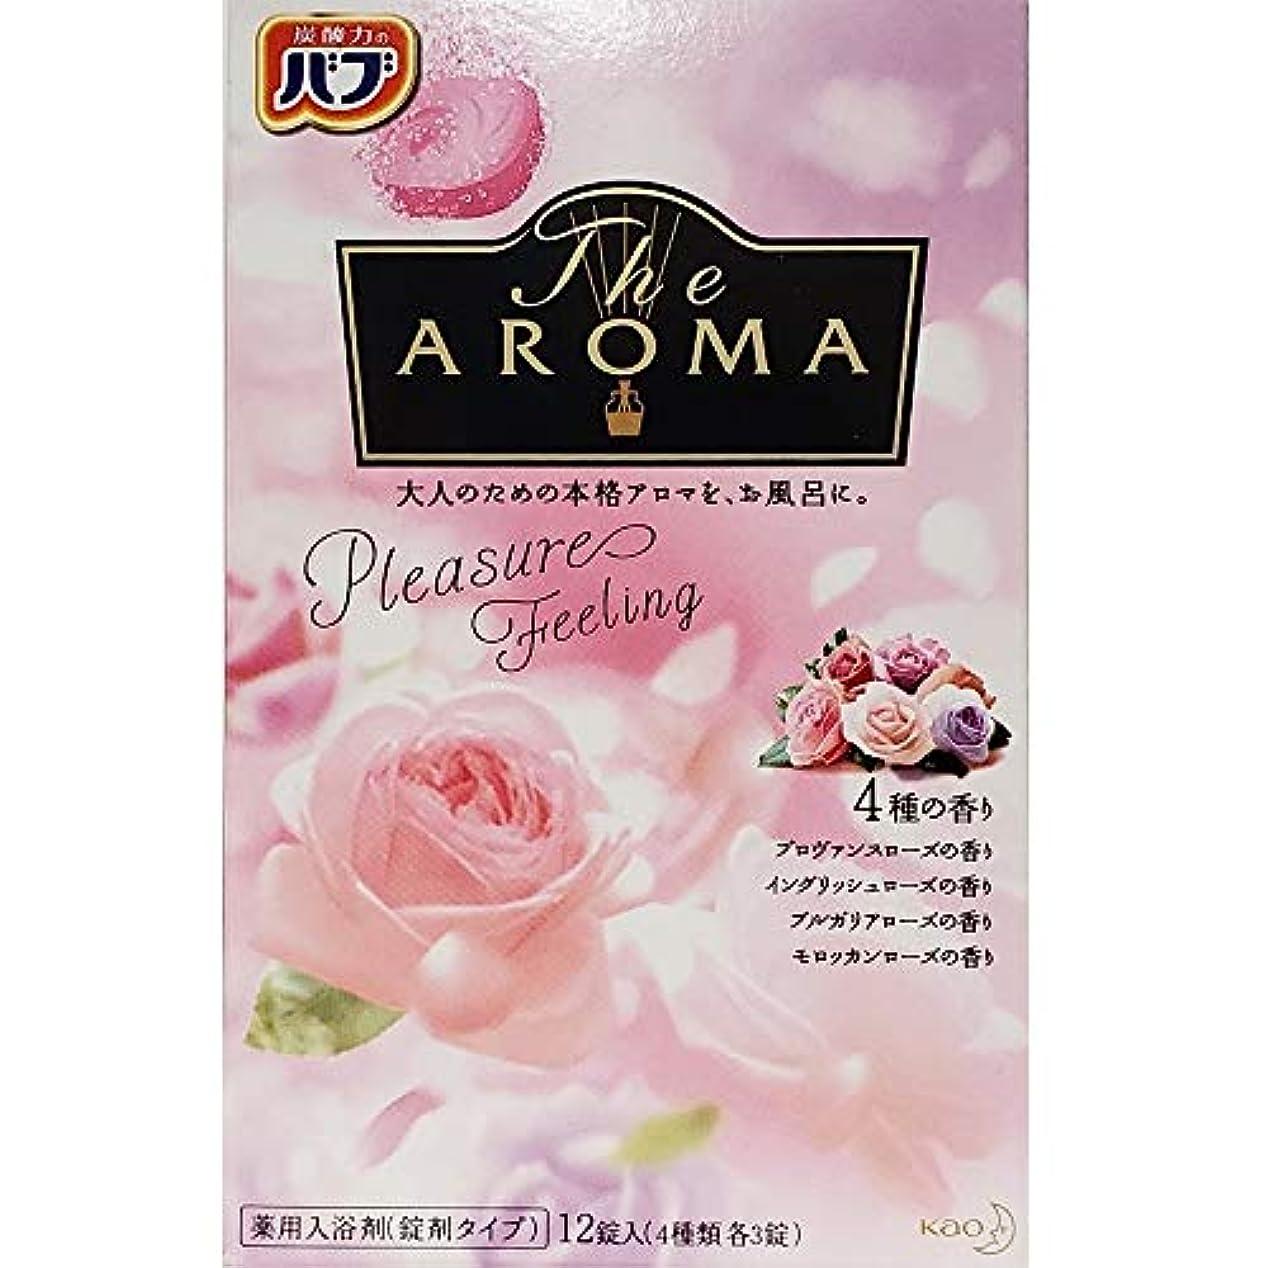 剣突然飾り羽バブ The Aroma Pleasure Feeling 40g×12錠(4種類 各3錠) 医薬部外品